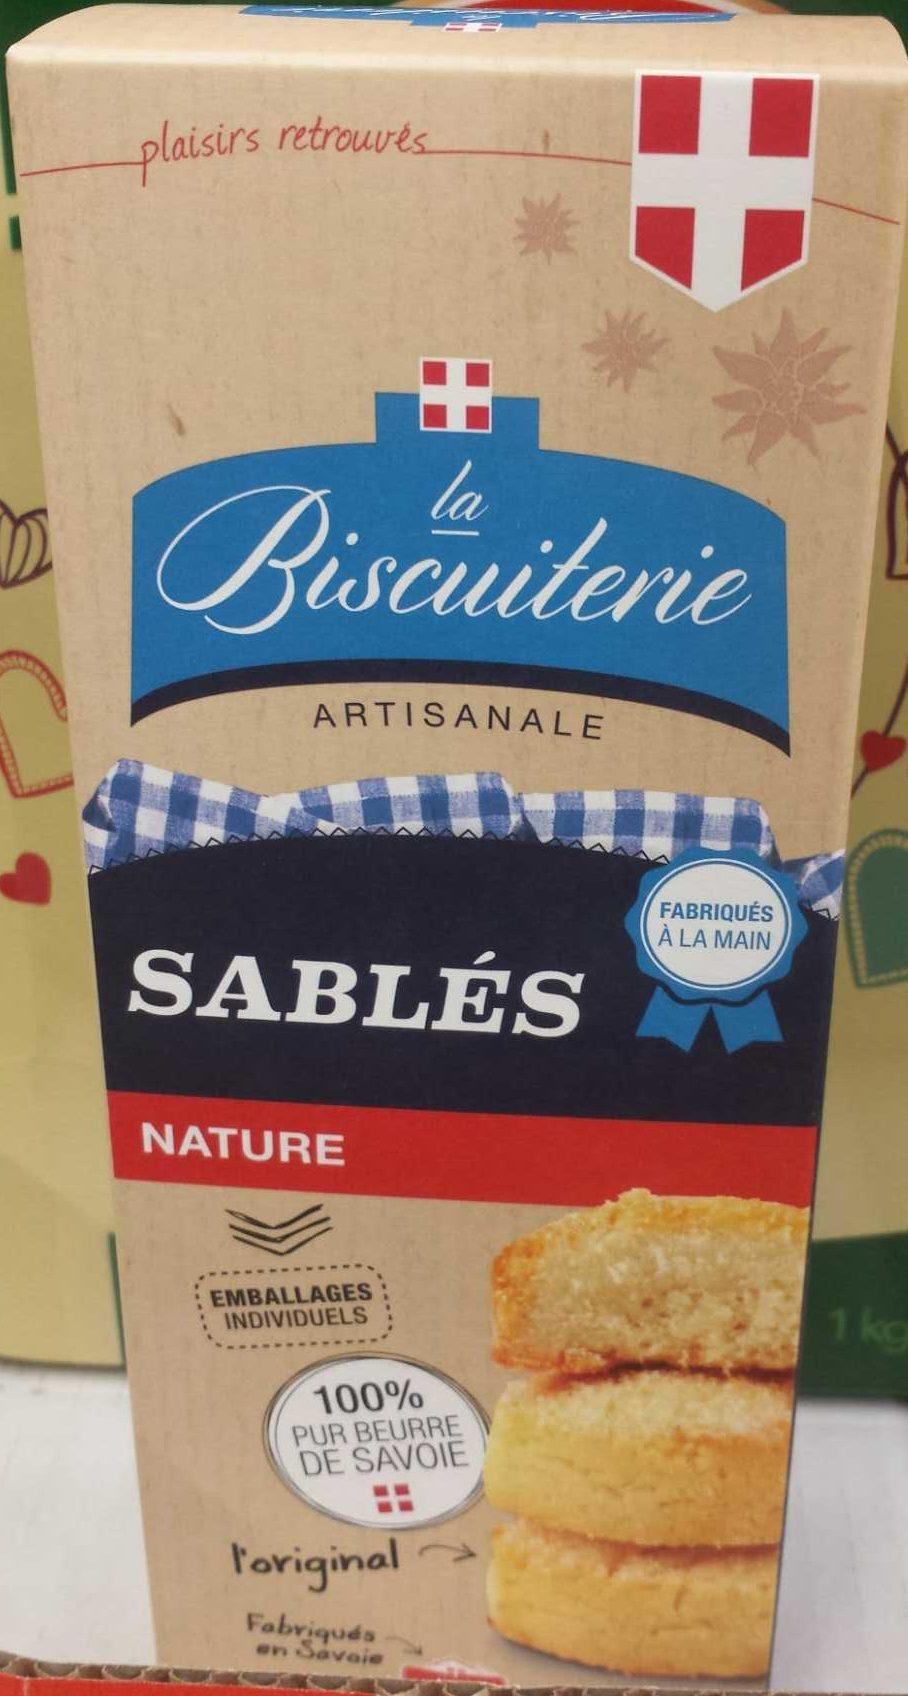 La Biscuiterie Artisanale - Sablés Nature - Product